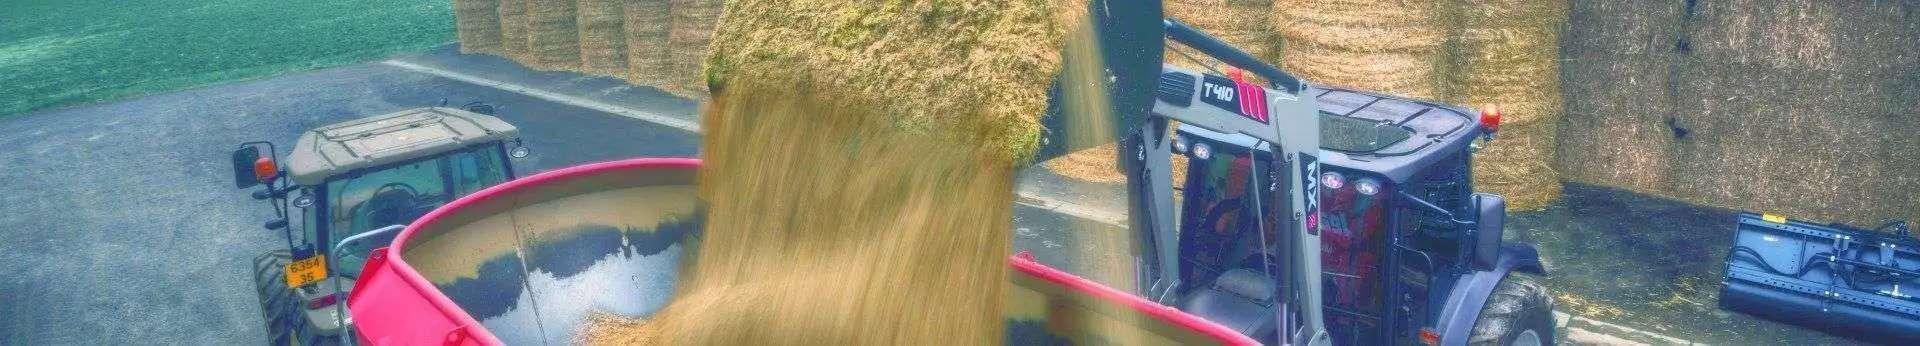 załadunek kiszonki do wozu paszowego ciągnikiem rolniczym z ładowaczem czołowym